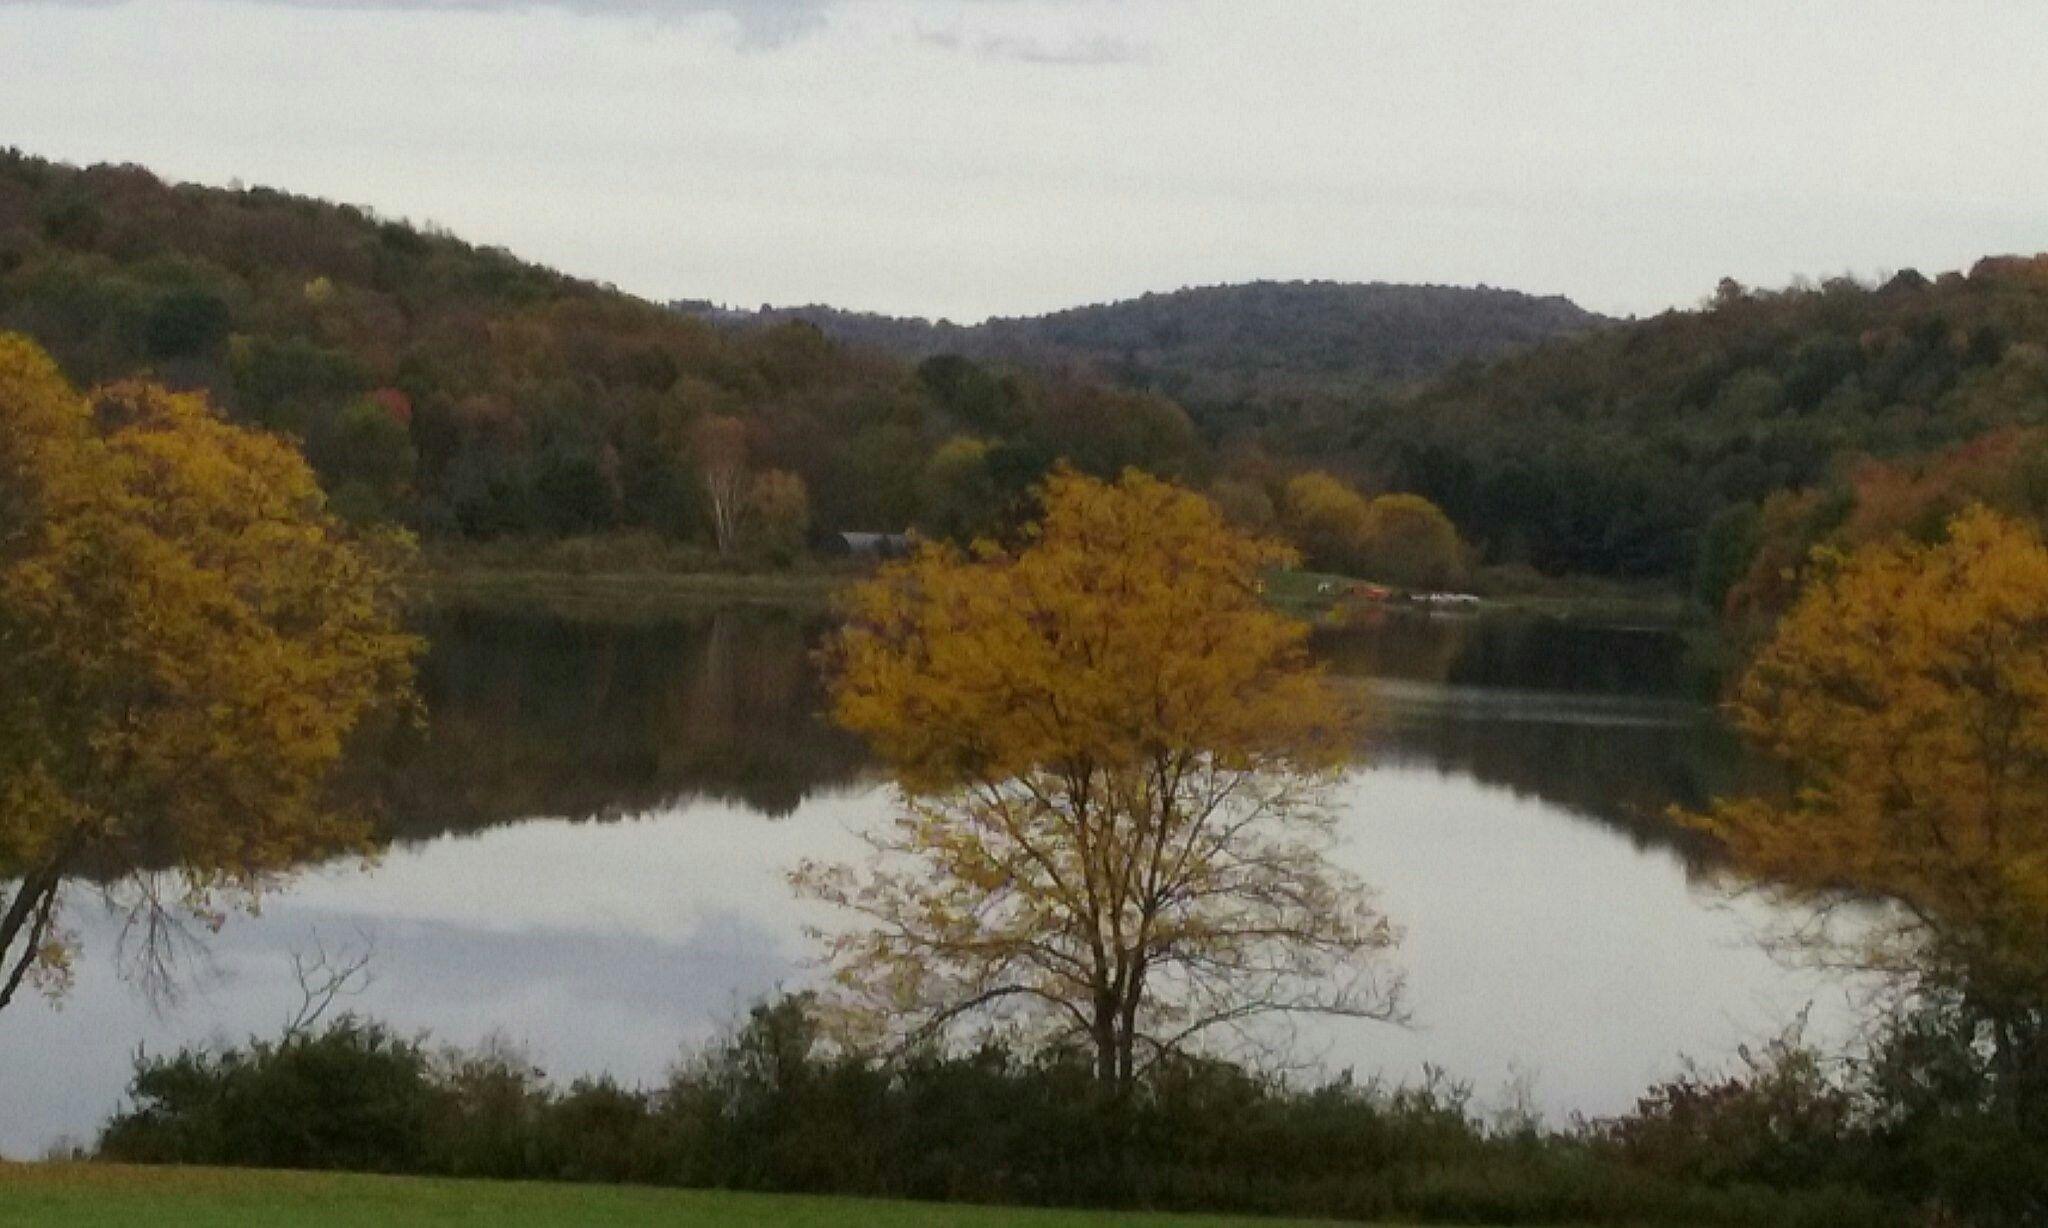 Fall morning at Lackawanna State Park